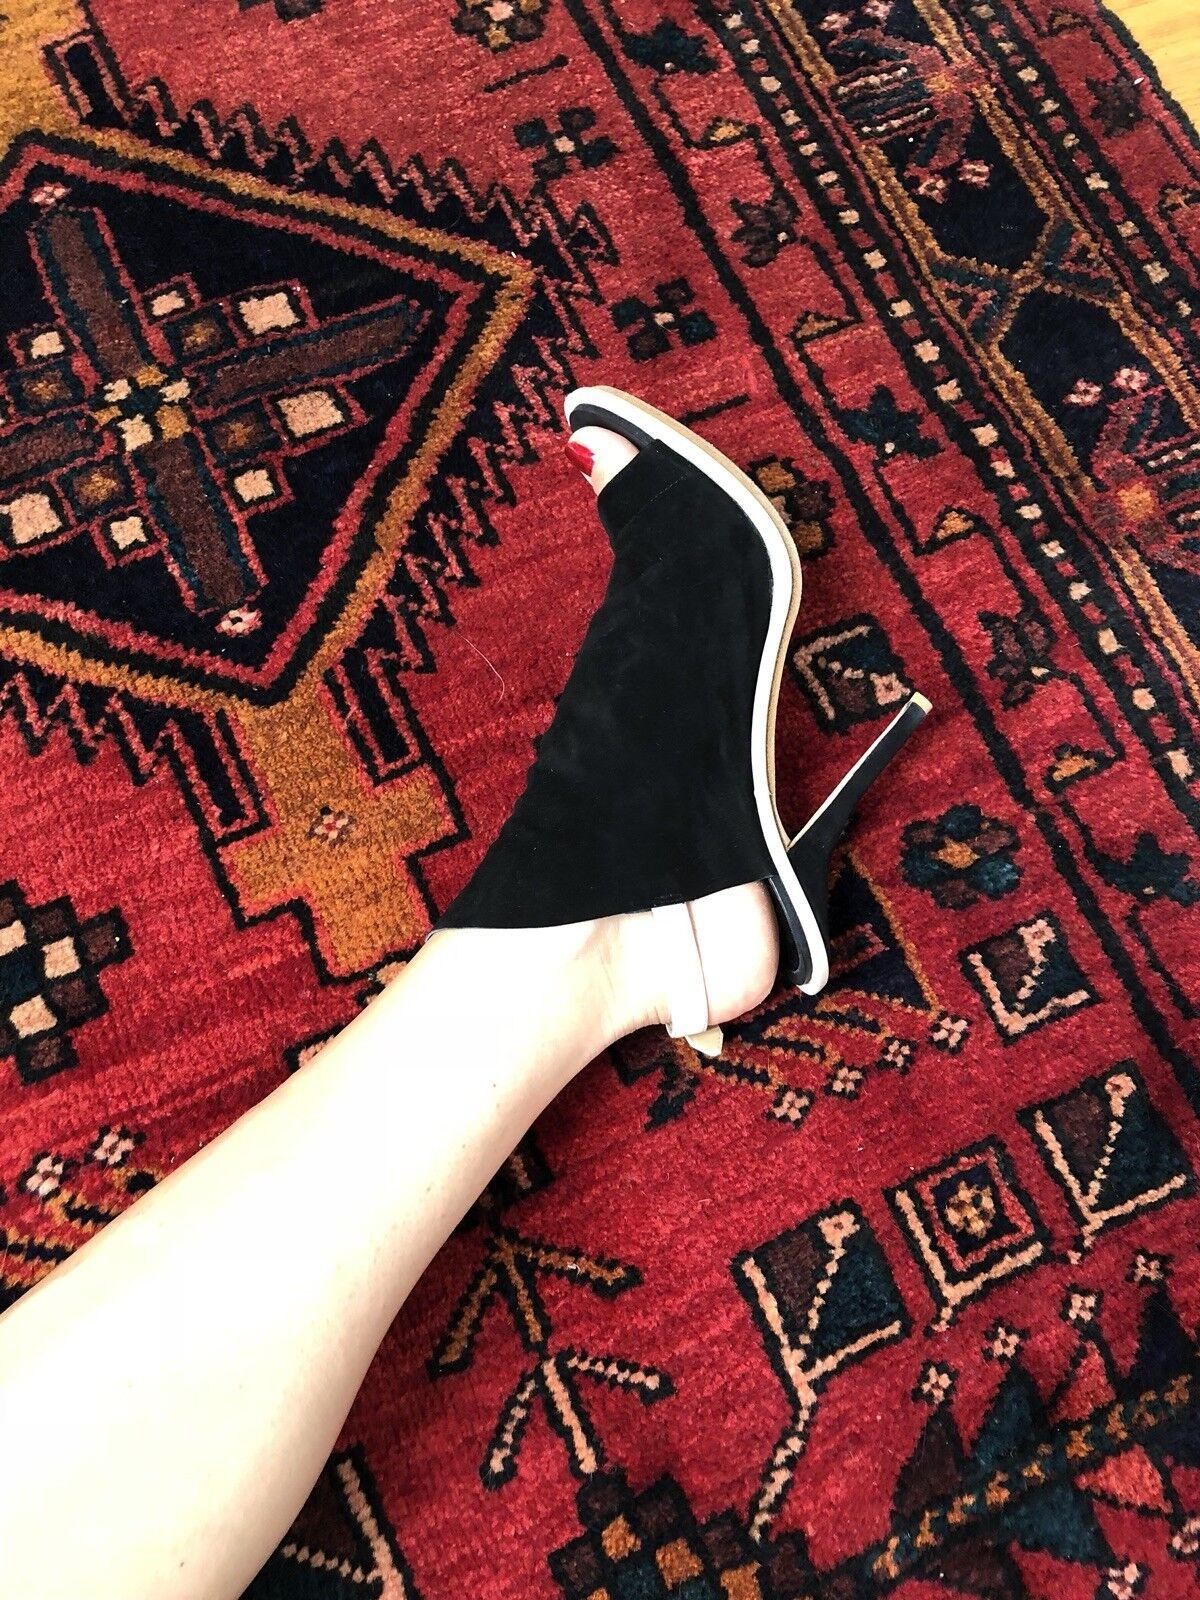 Balenciaga Peep Toe Gamuza Gamuza Gamuza Negra Marfil Sandalias de arranque de tuberías Zapatos De Taco Talla 11 b5f62d